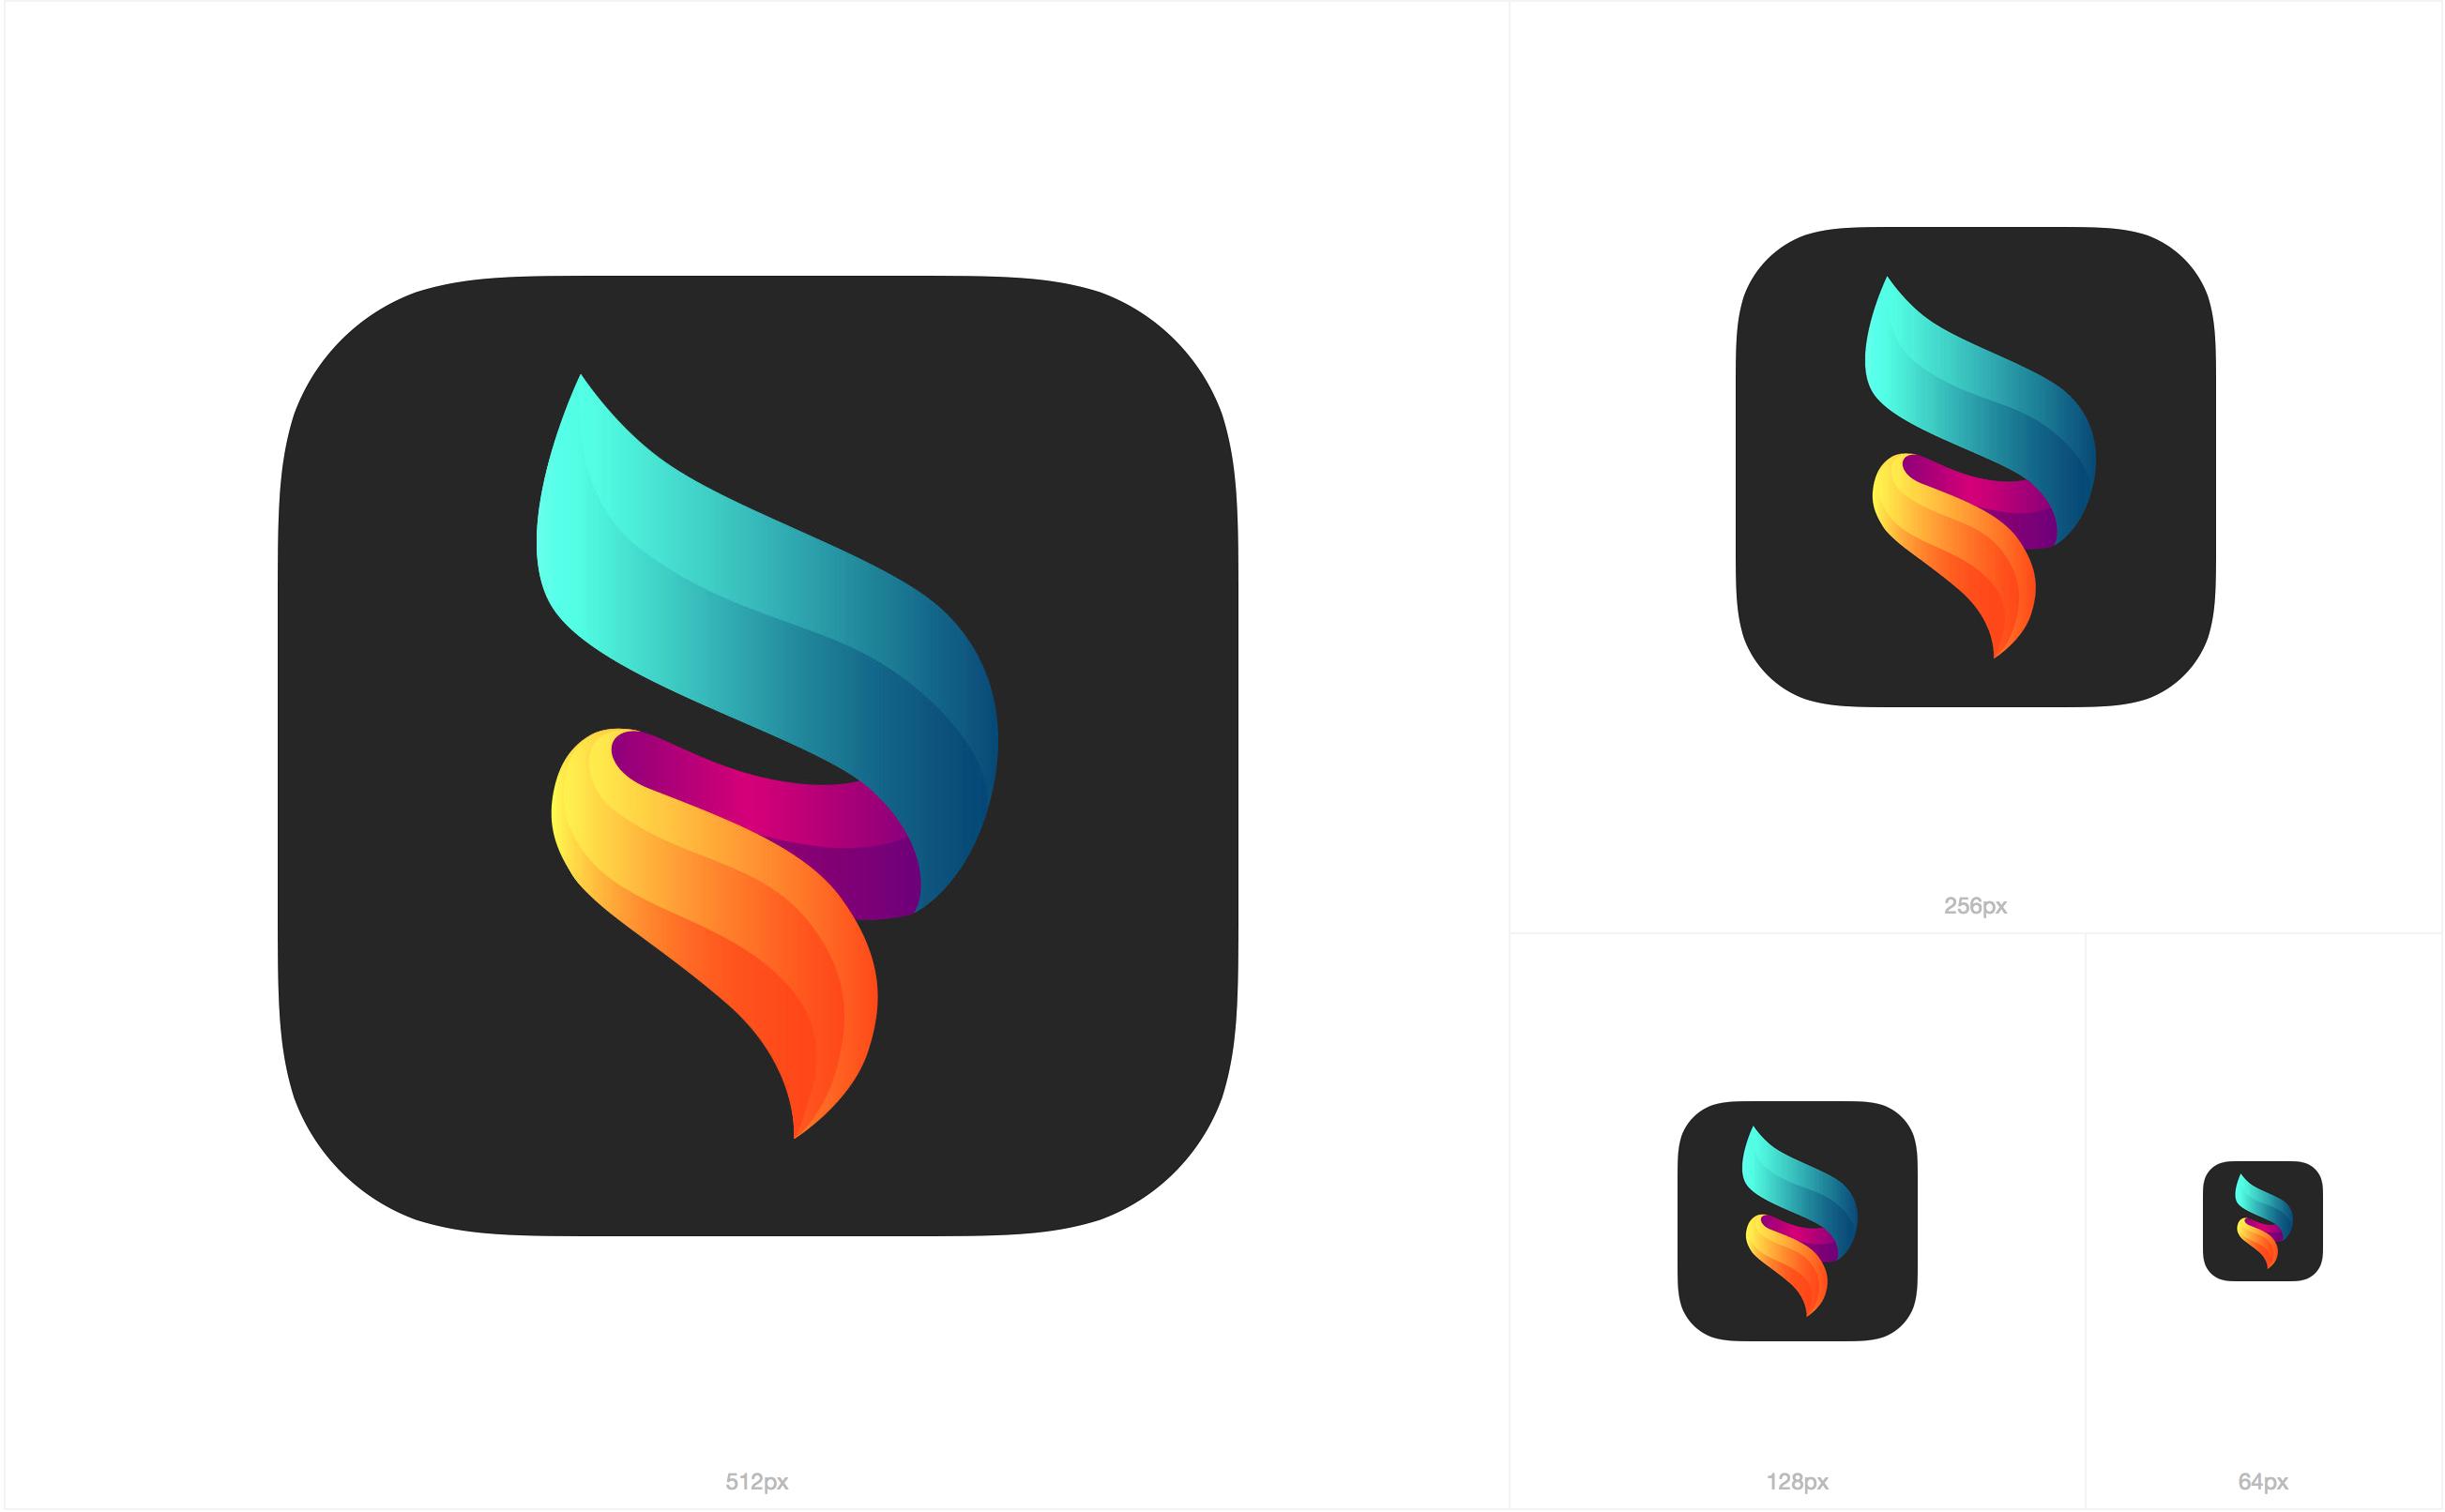 MaxCurve App Icon App icon, Tech logos, tech logo